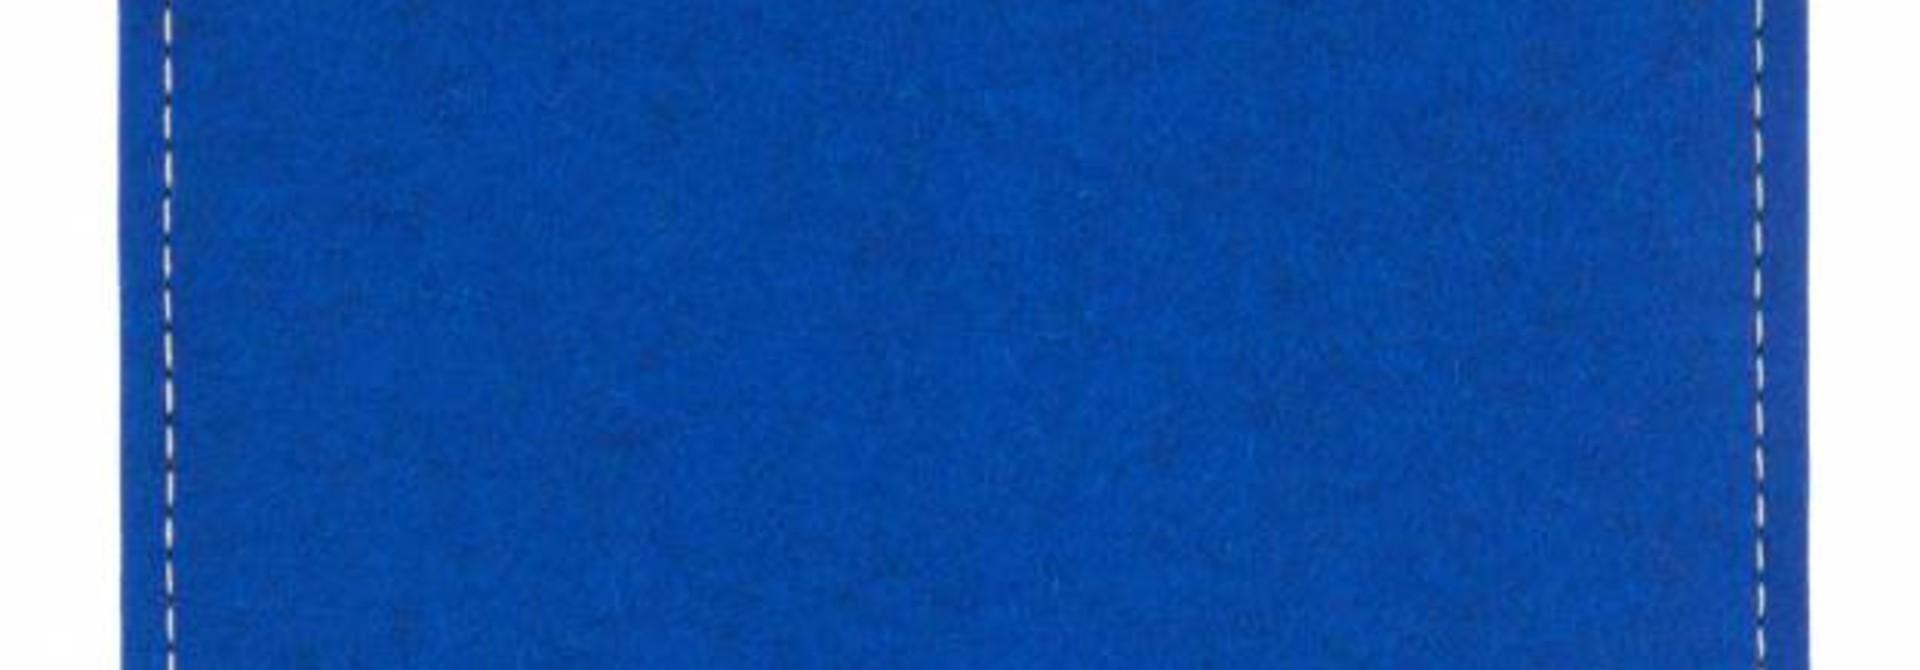 Iconia Sleeve Azure